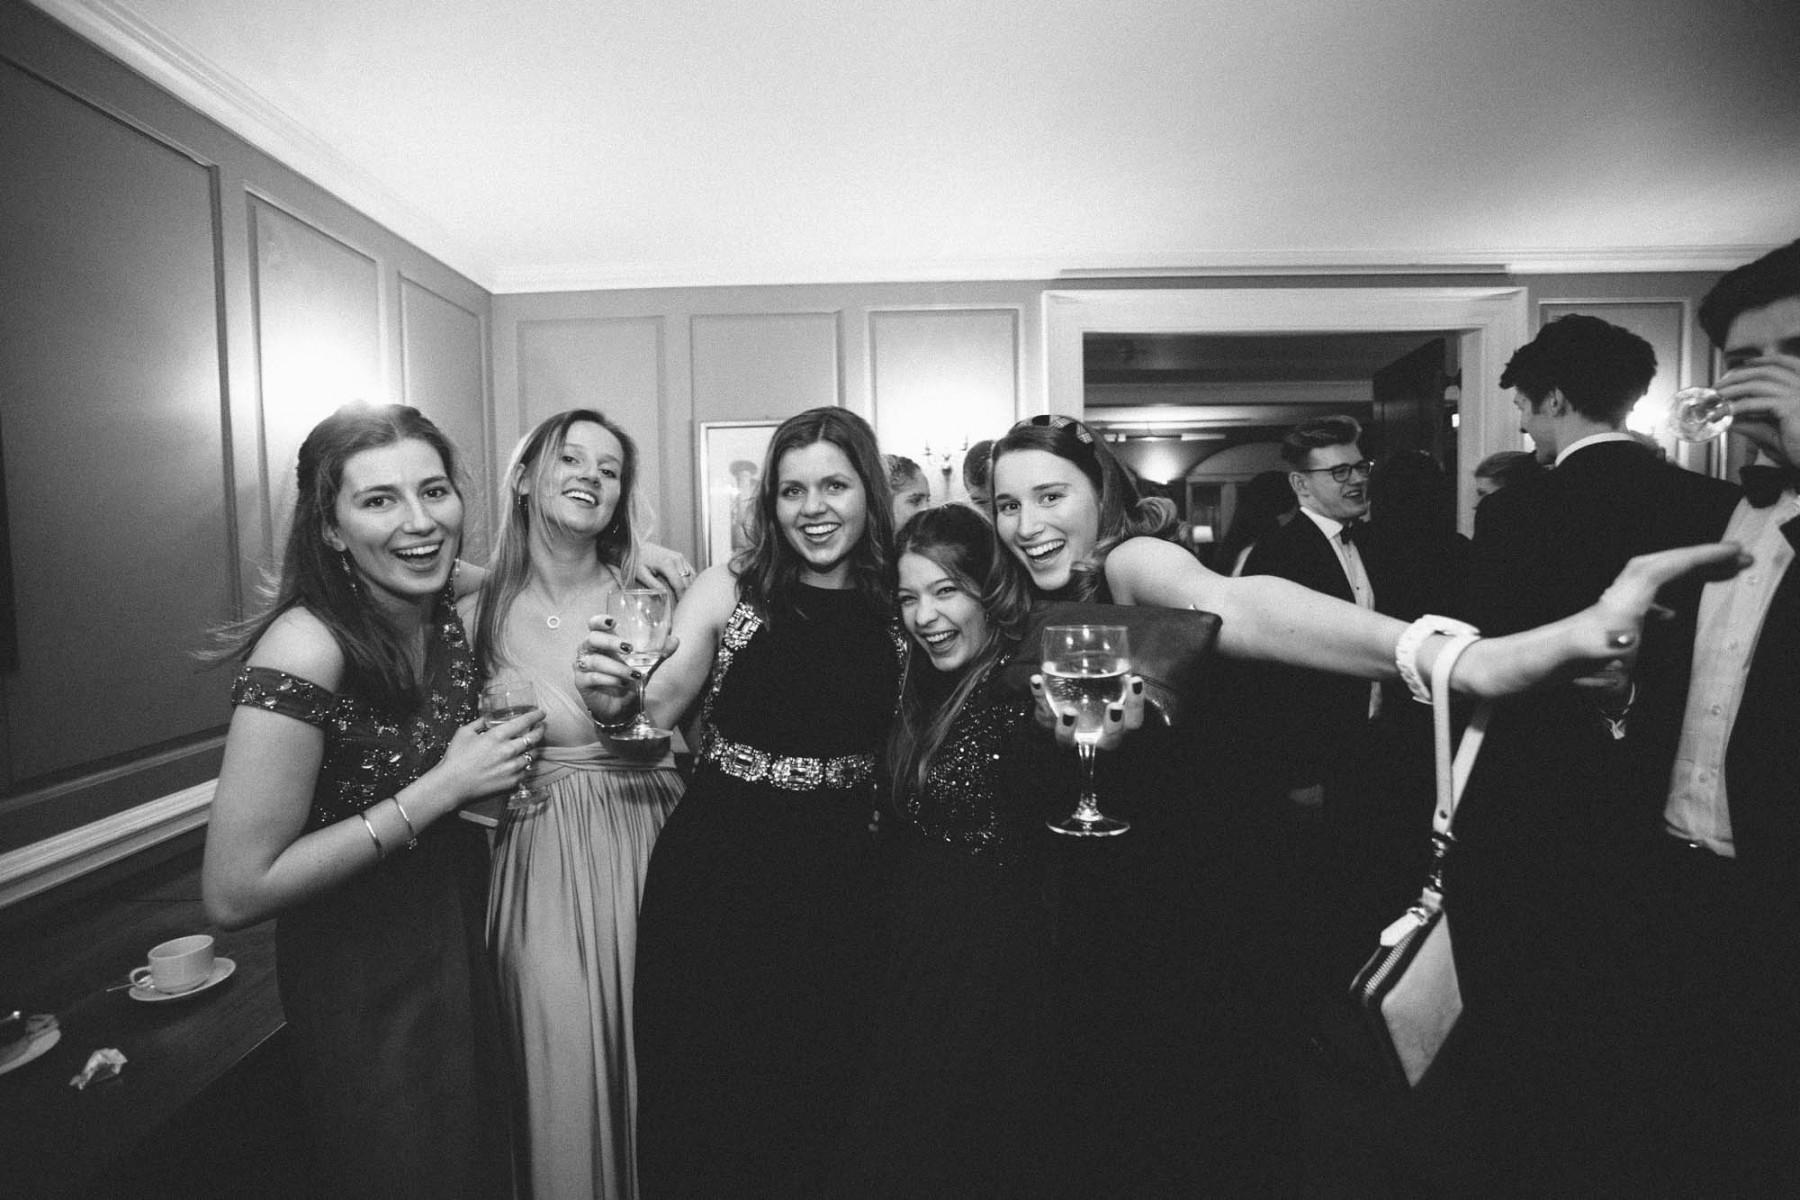 cambridge-event-party-2017-io-083